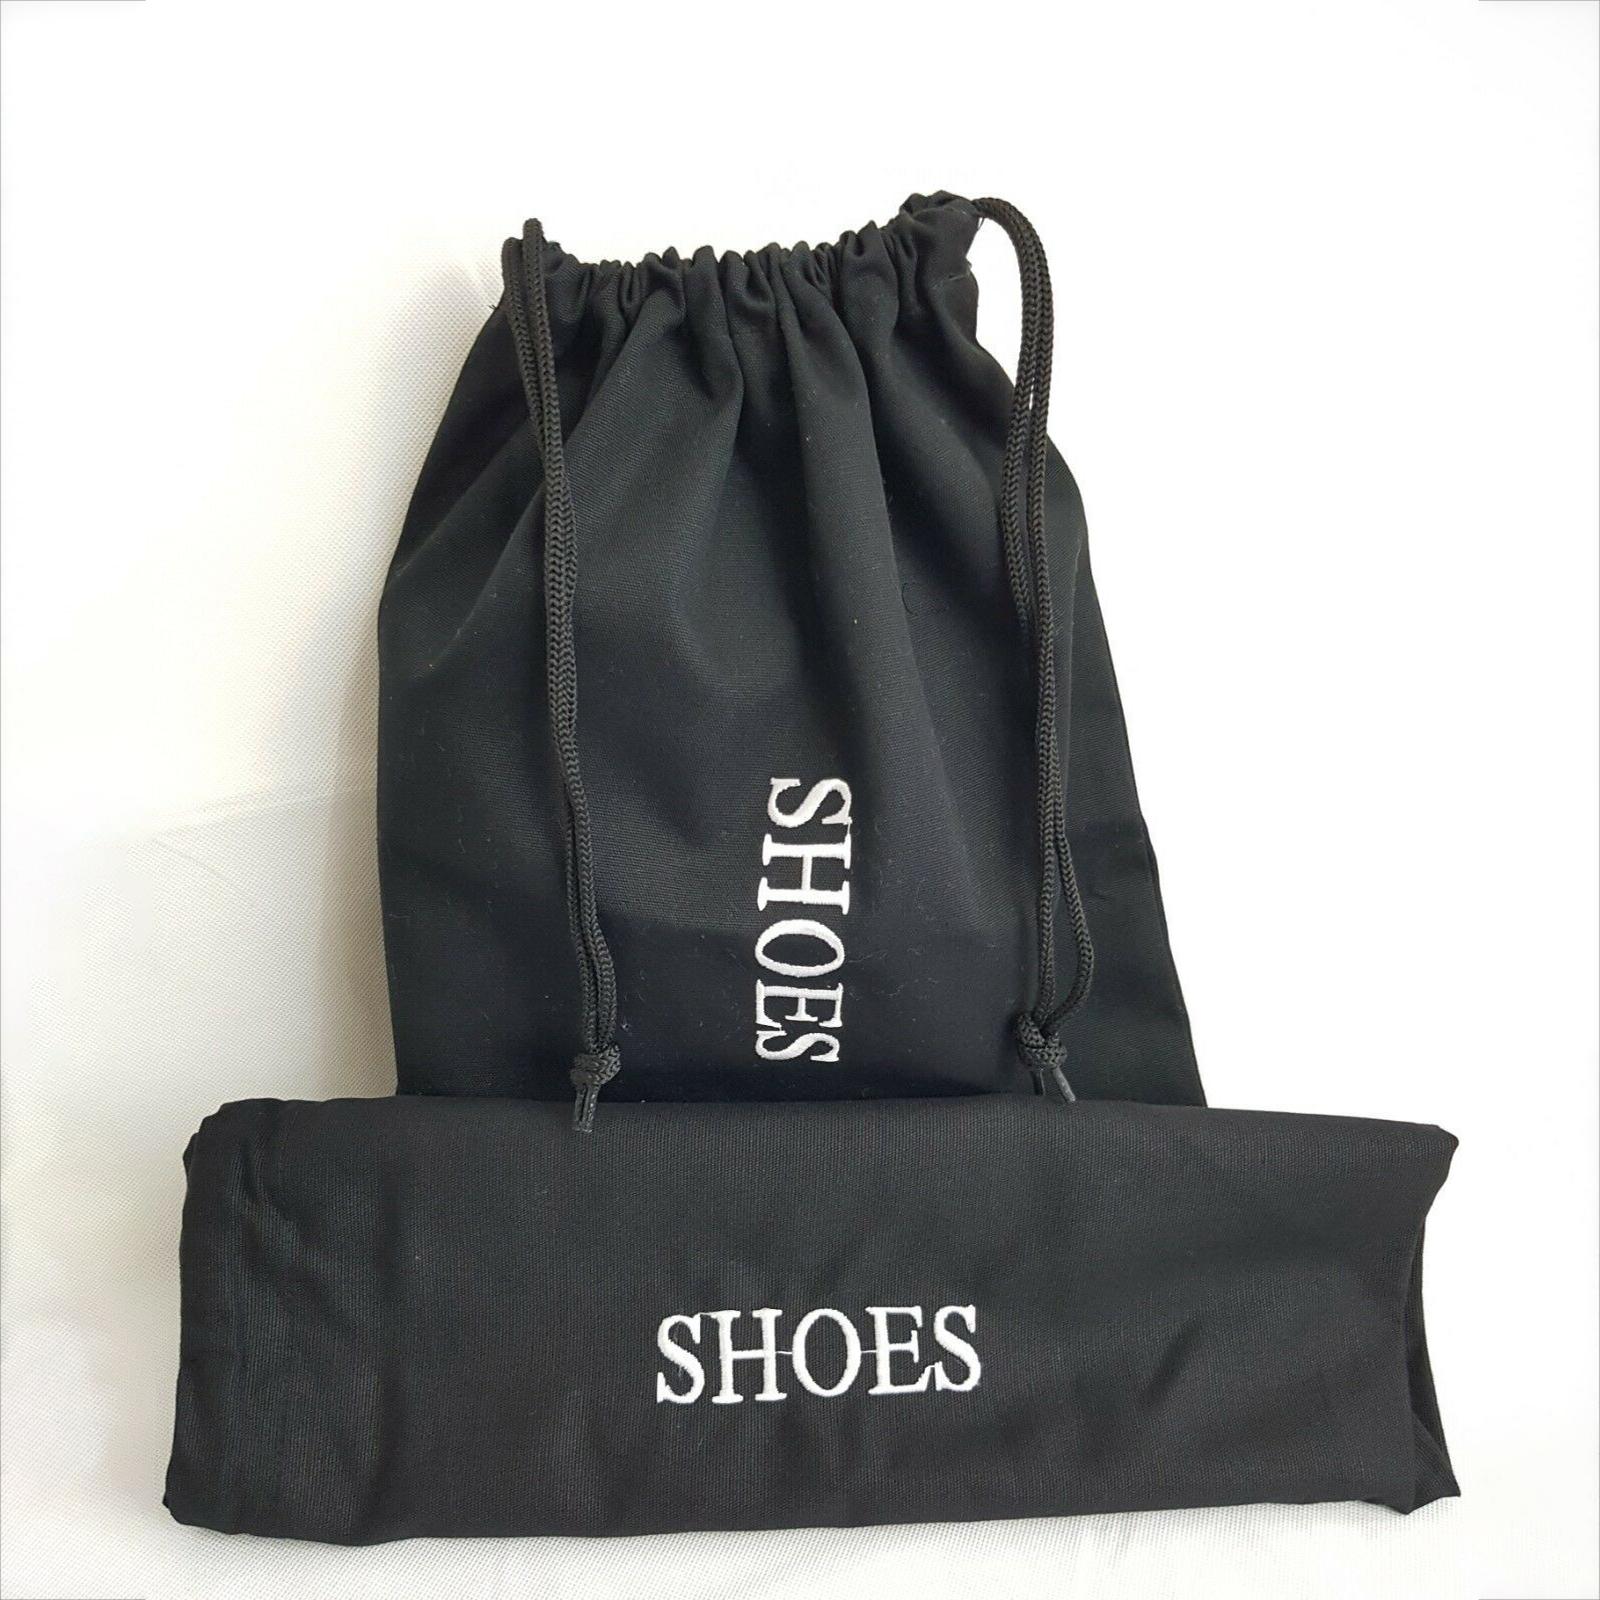 Индивидуальный черный хлопчатобумажный холщовый рекламный подарок для женщин на высоком каблуке Мужская сумка для хранения обуви на шнурке